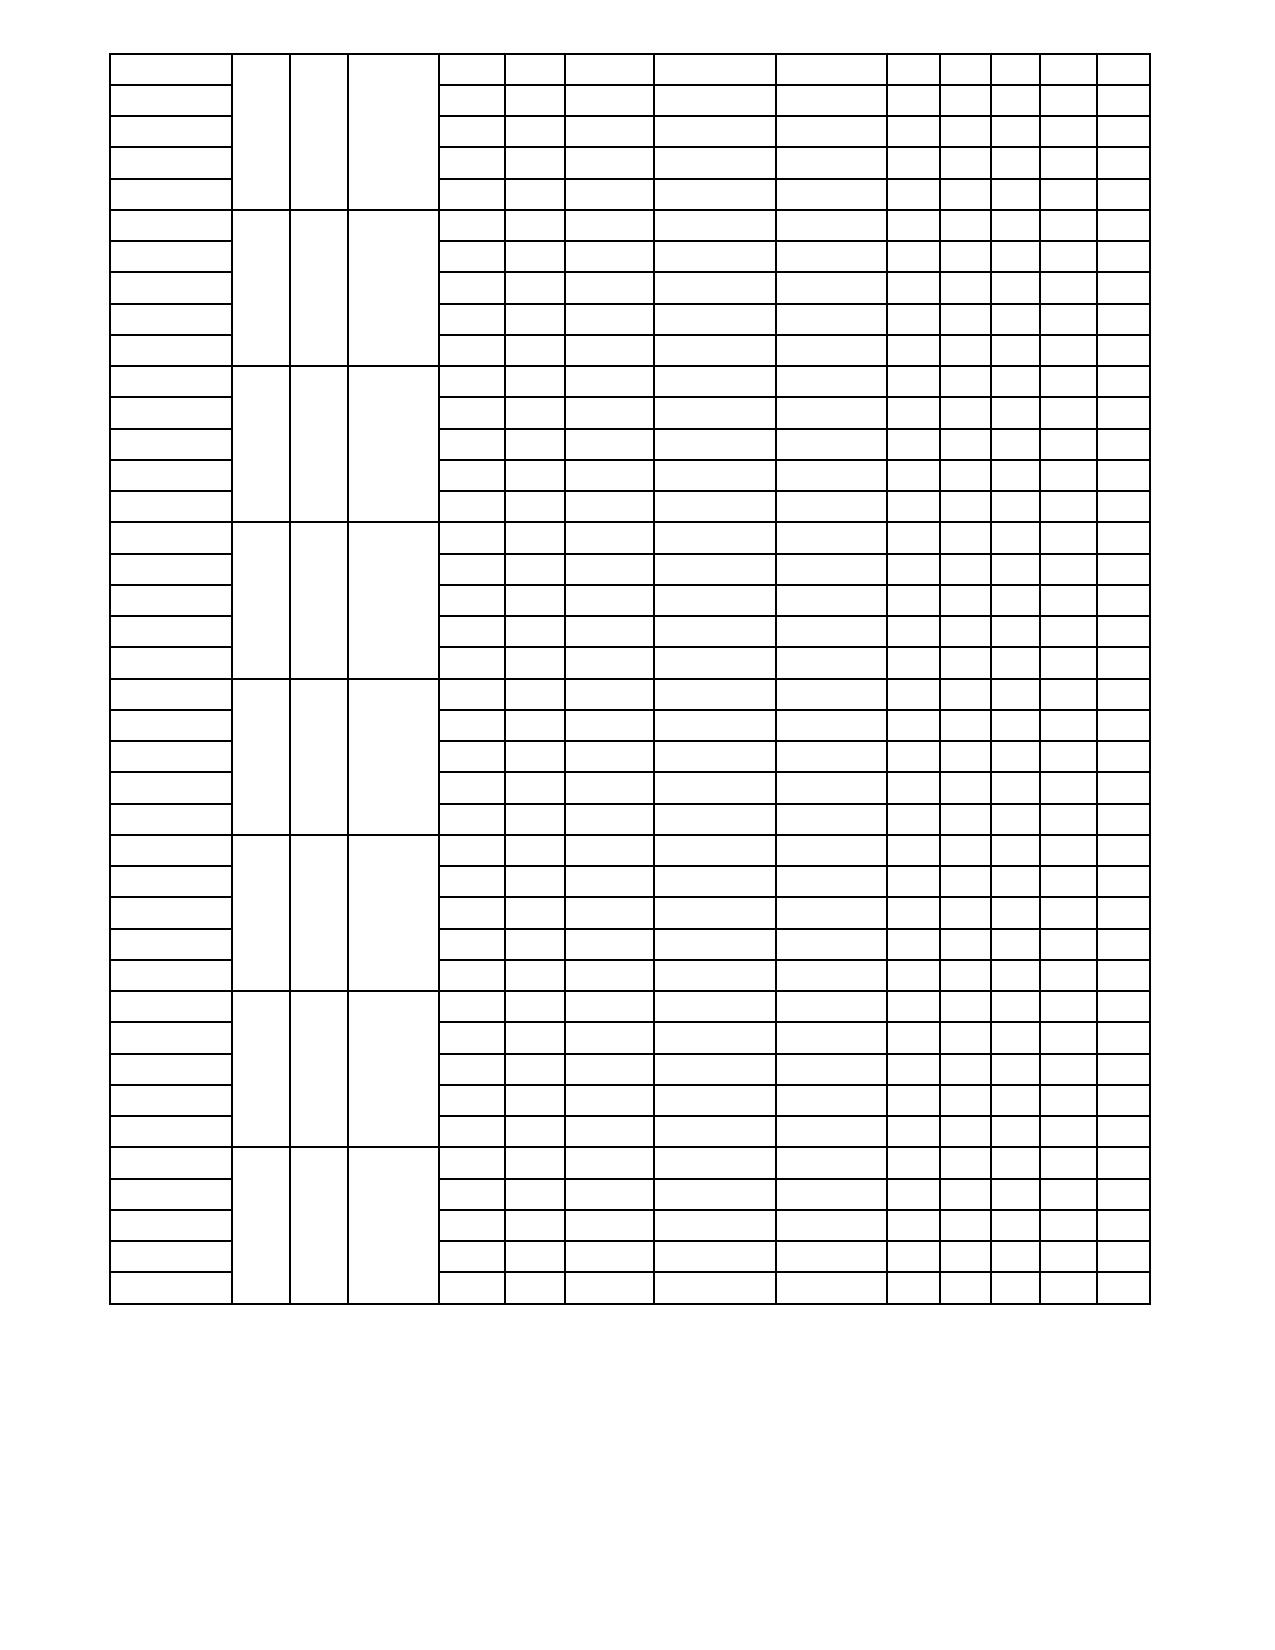 V05K20-5 pdf, 電子部品, 半導体, ピン配列